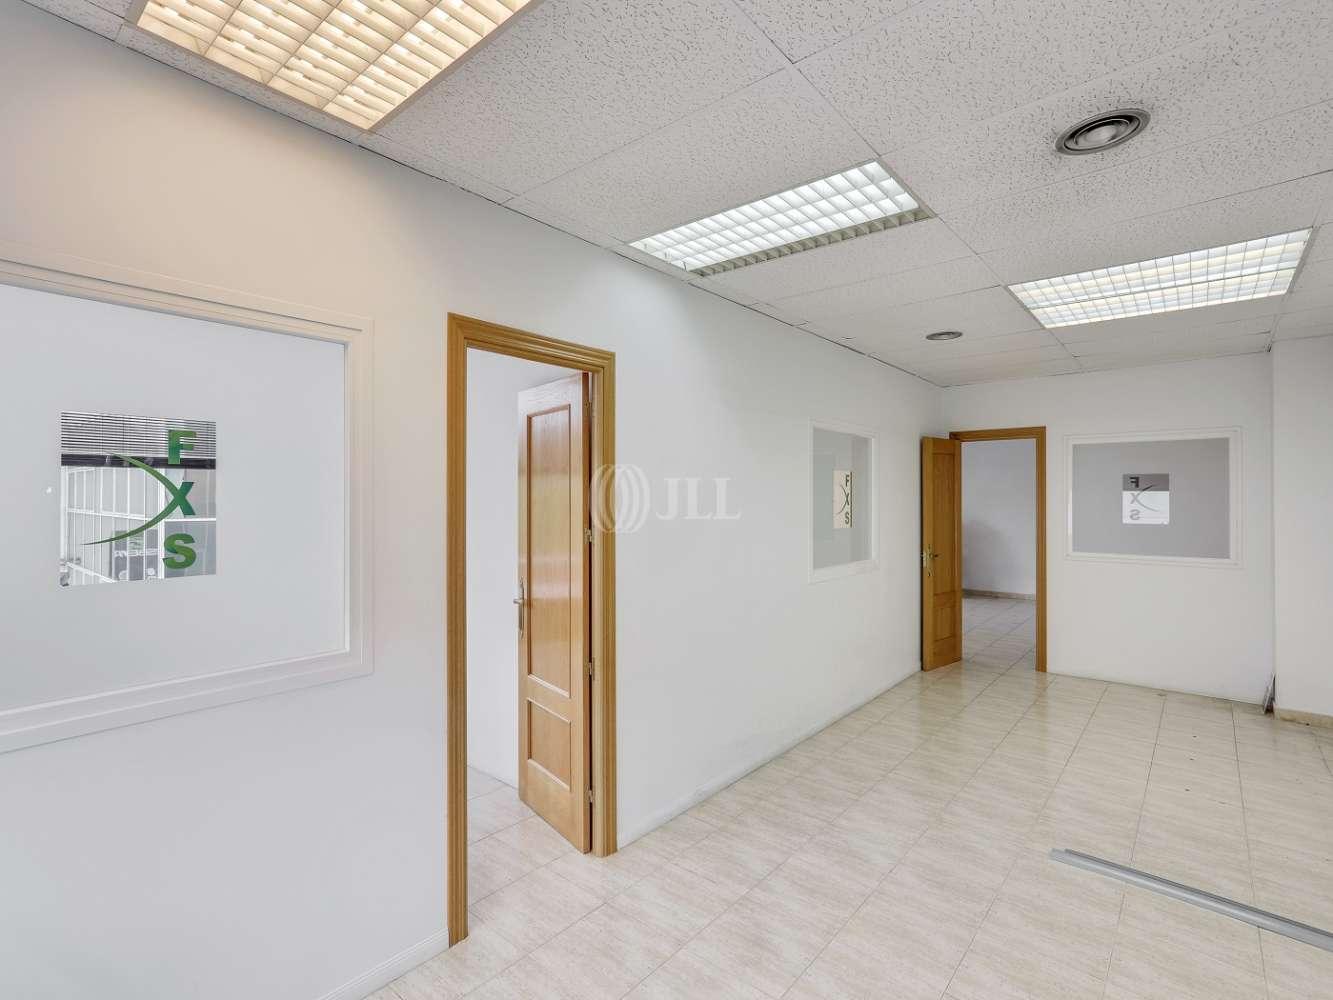 Oficina San sebastián de los reyes, 28703 - Lanzarote 13